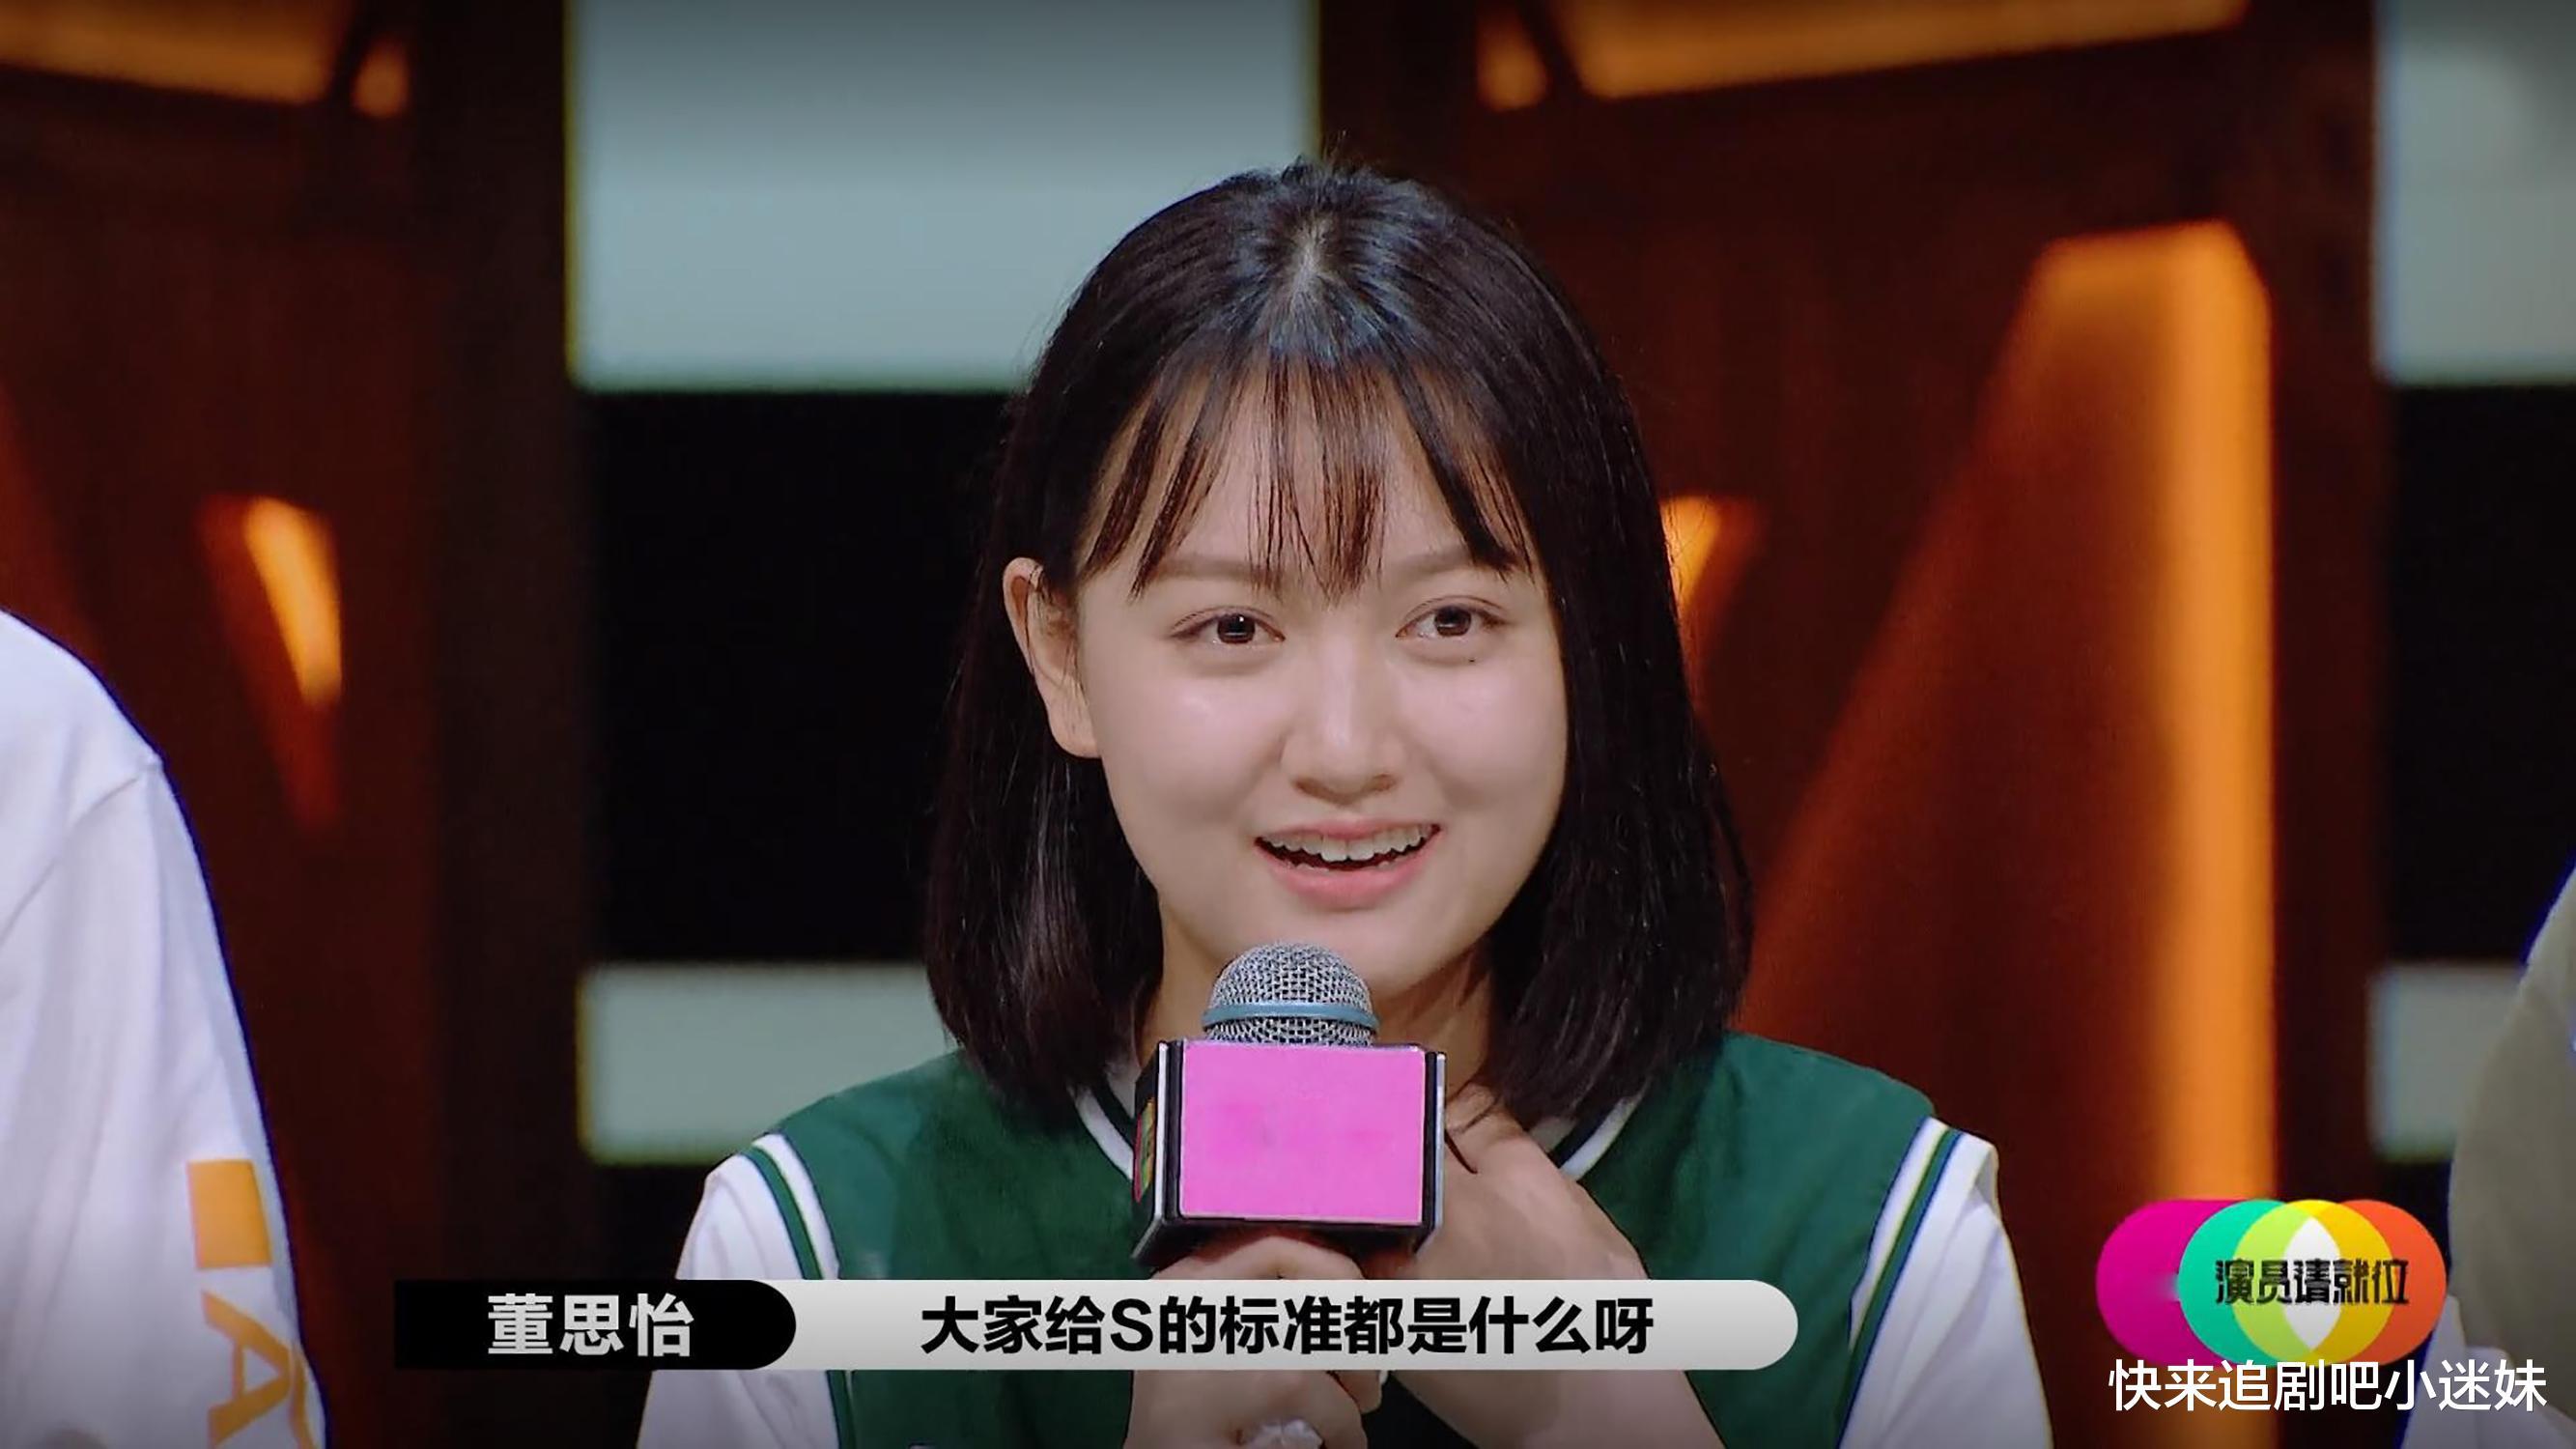 郭敬明推何昶希制造熱度,為新電影《晴雅集》造勢,精明商人-圖4